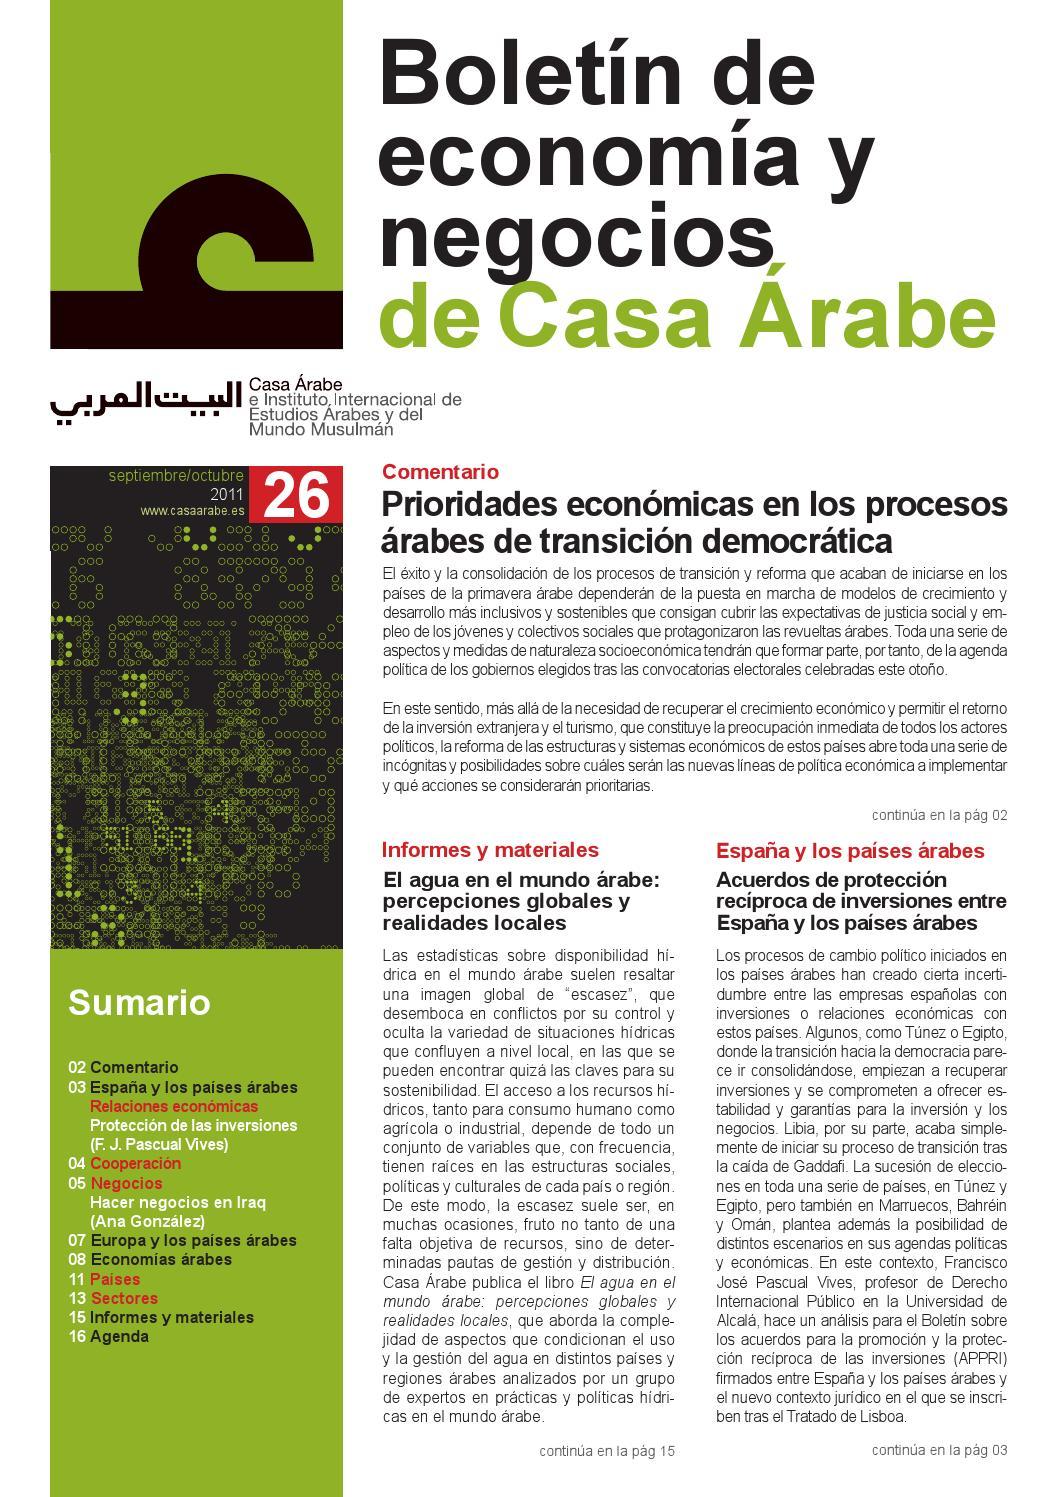 Boletín de economía y negocios de Casa Árabe nº 26 by Casa Árabe ...